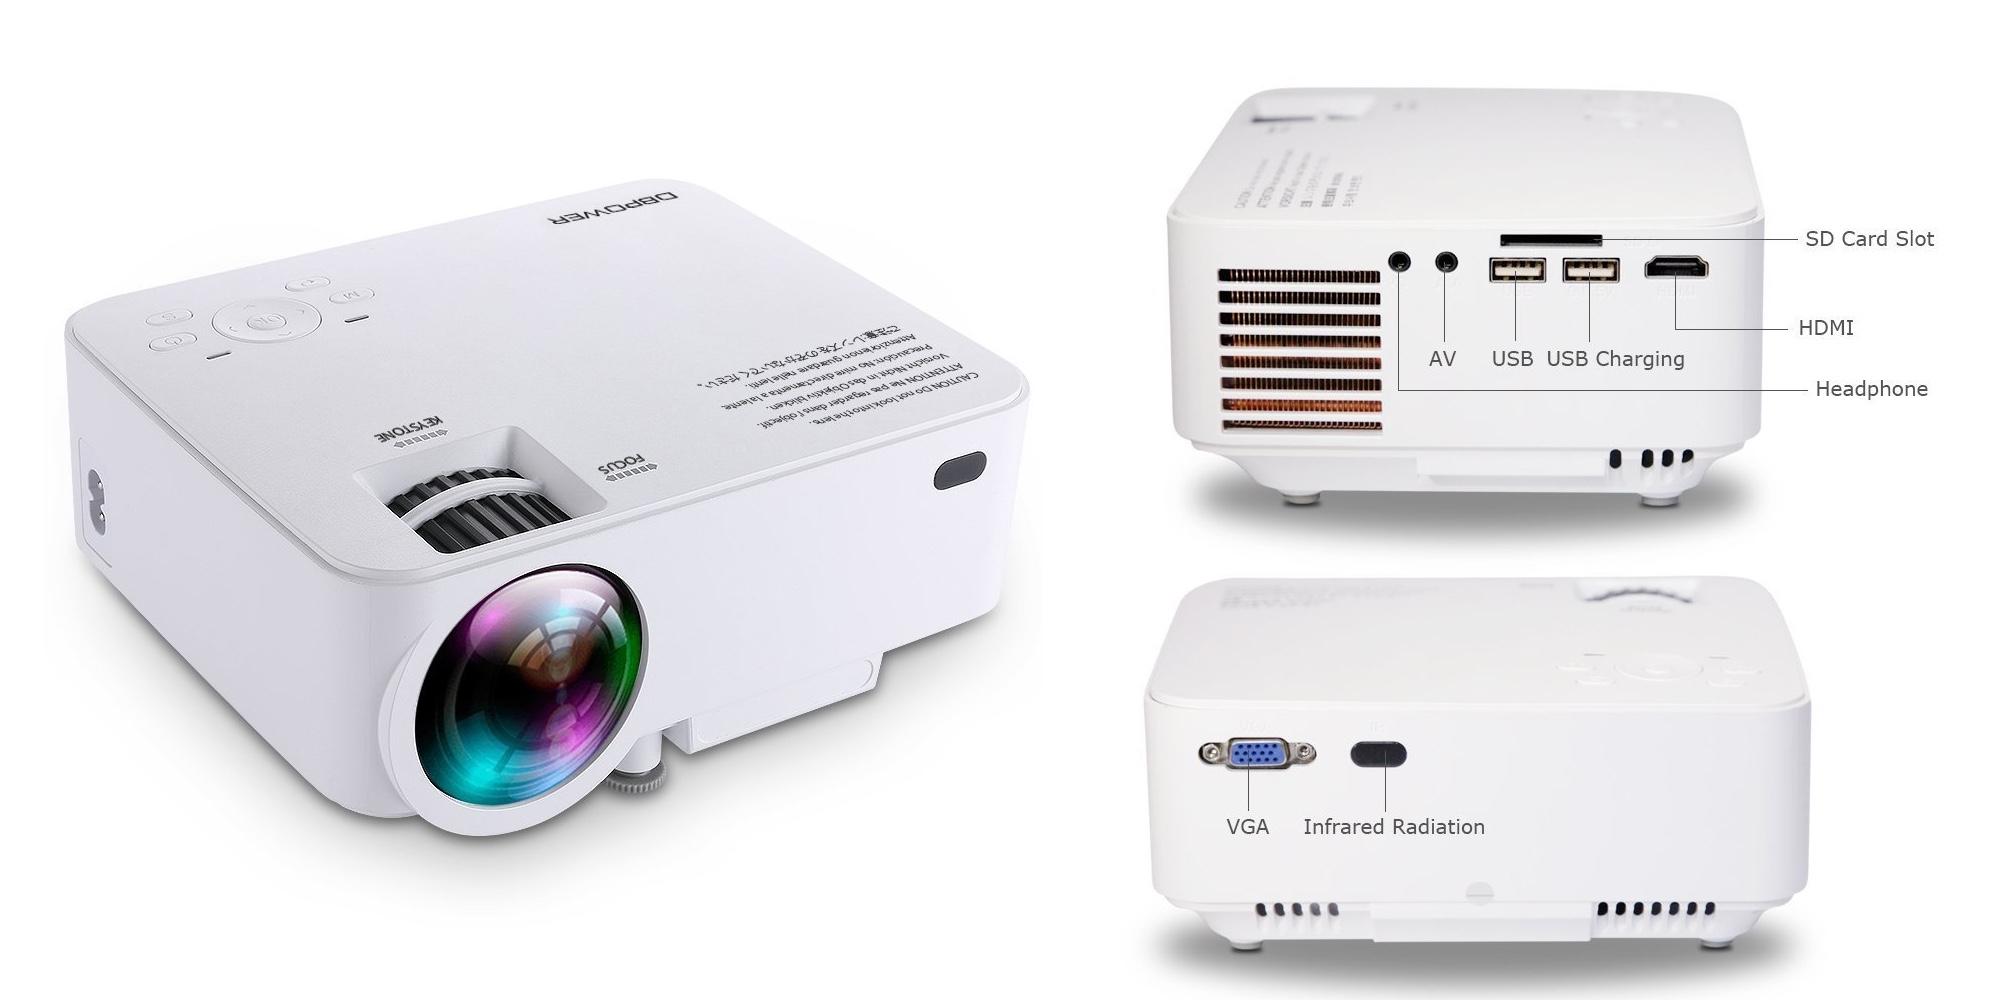 DBPOWER 1500 Lumens Mini Projector w/ dual USB, SDCard, HDMI input: $70 shipped (Reg. $100)